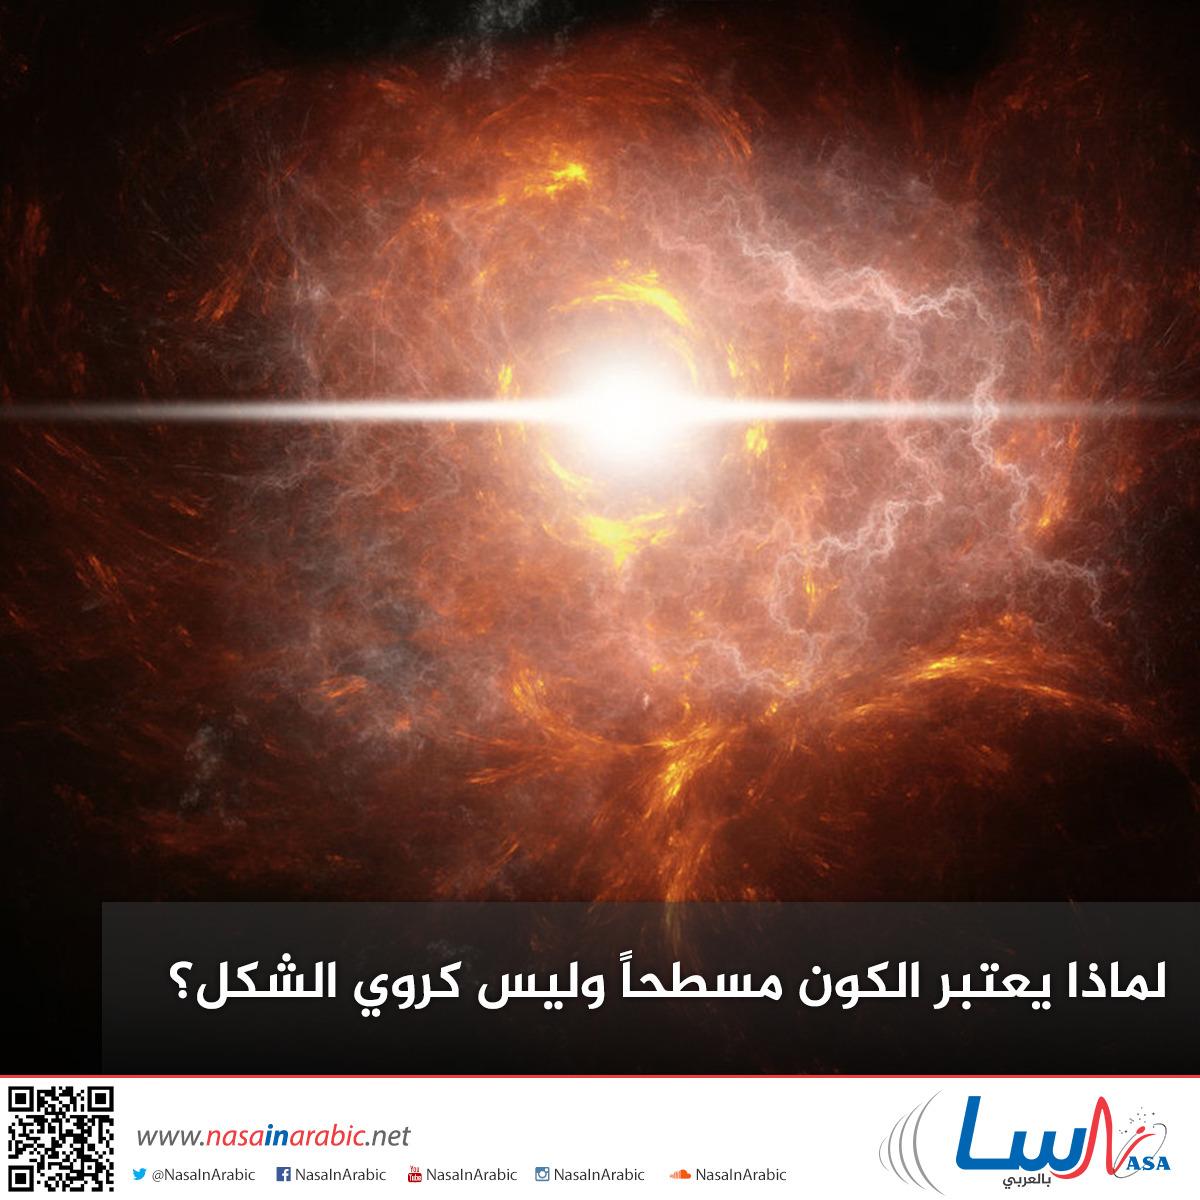 لماذا يعتبر الكون مسطحاً وليس كروي الشكل؟